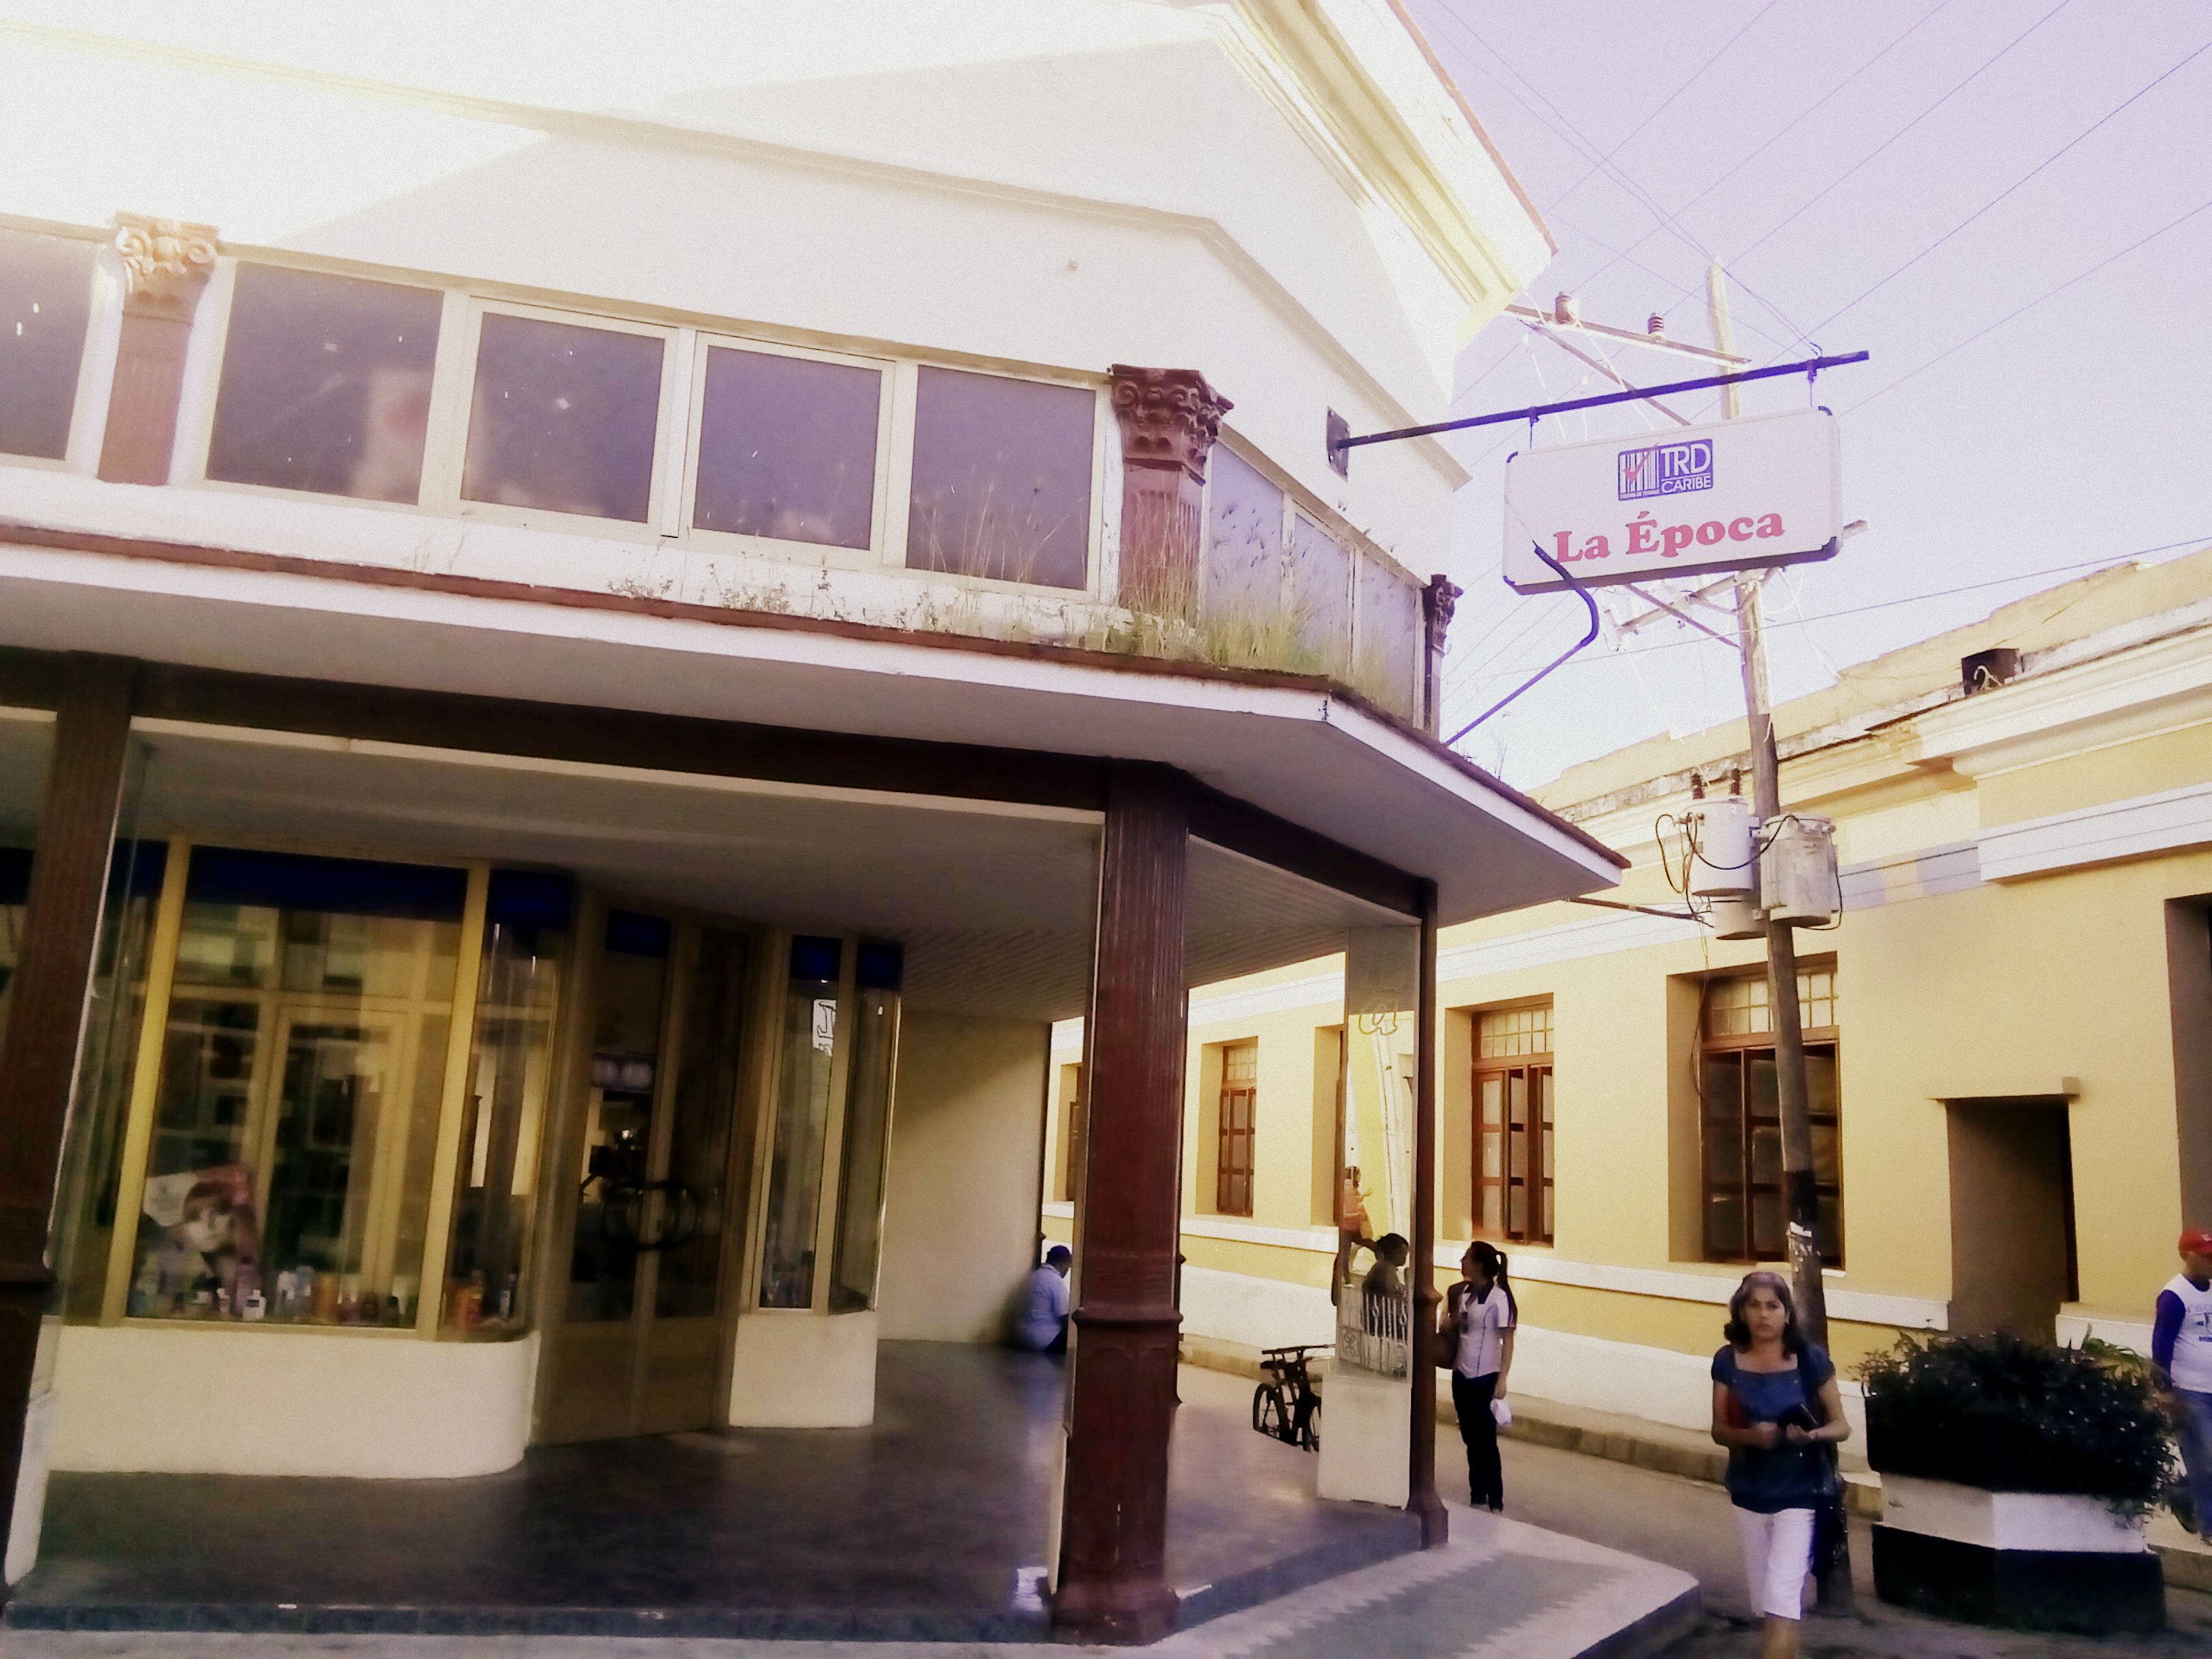 Tienda Recaudadora de Divisa (TRD) in Santa Clara, Cuba.